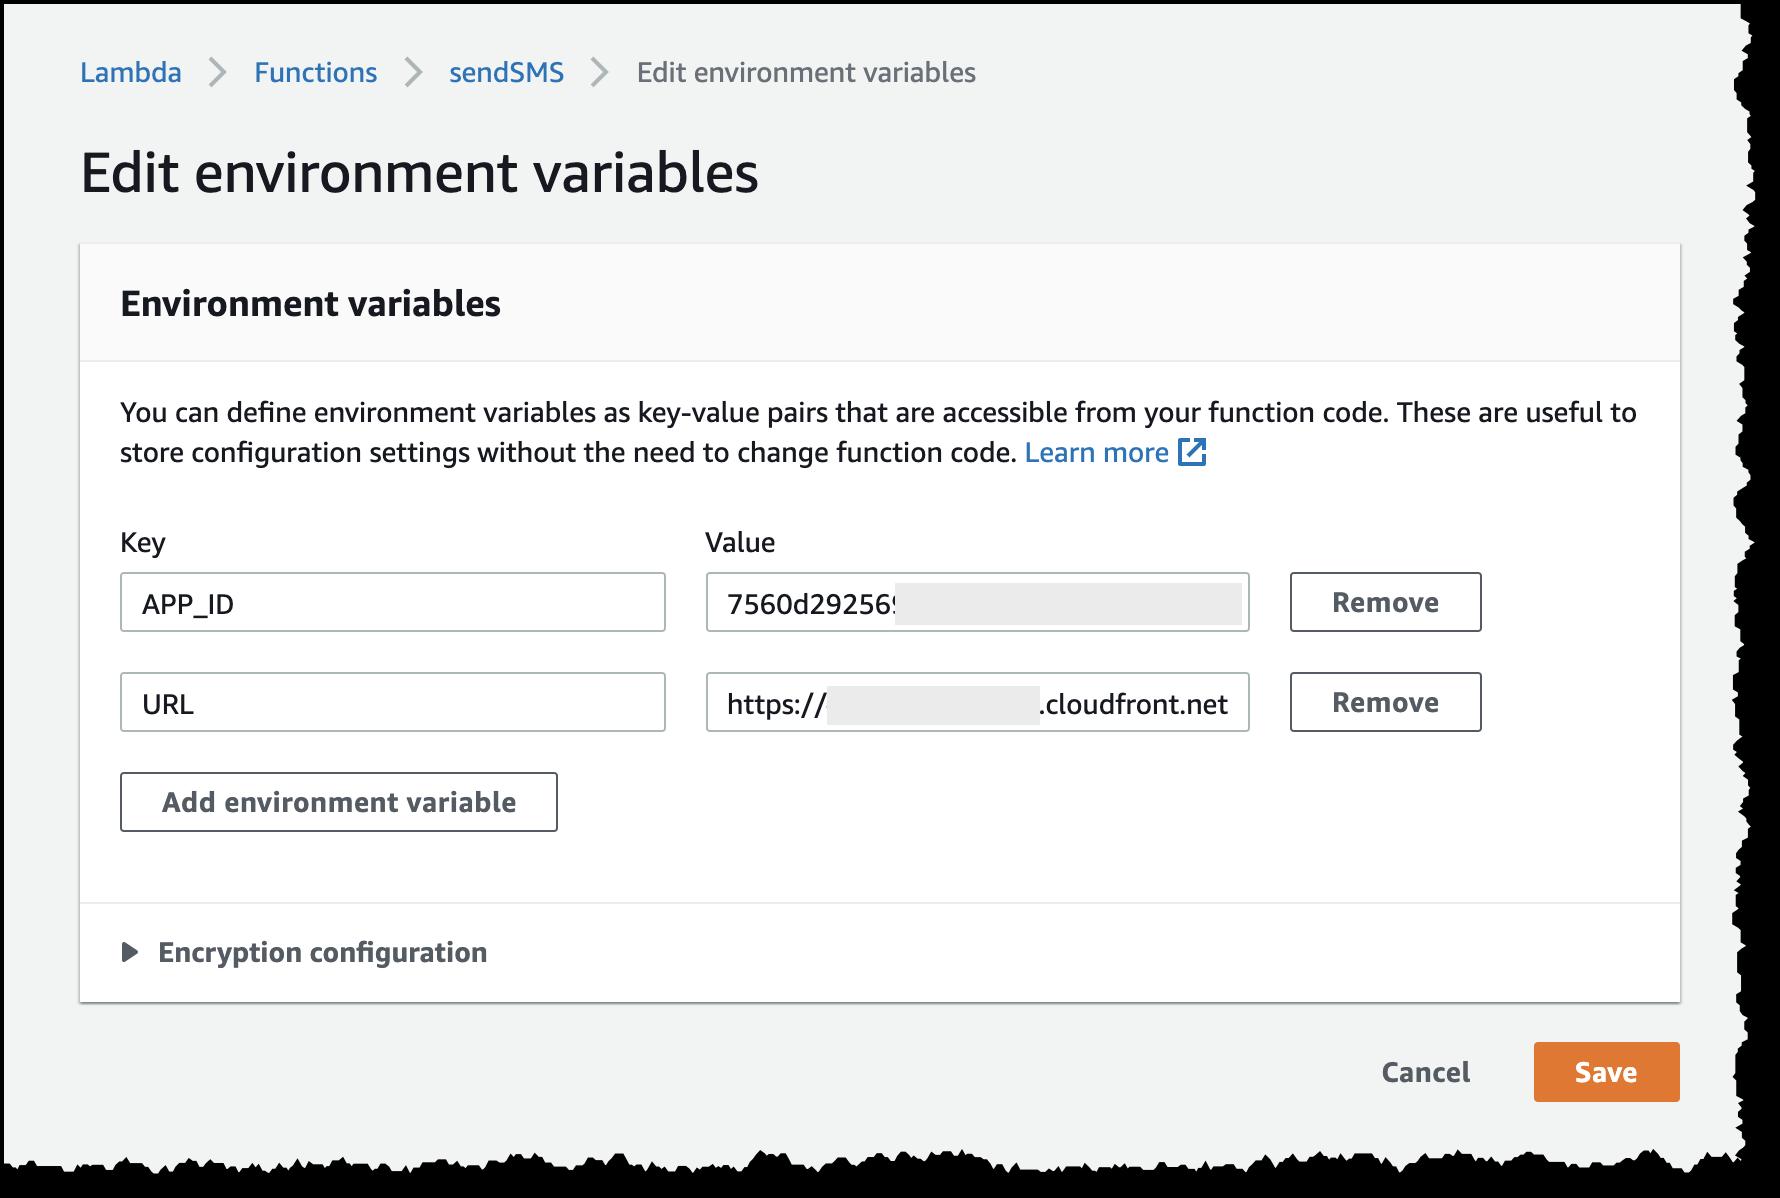 lambda environment variable